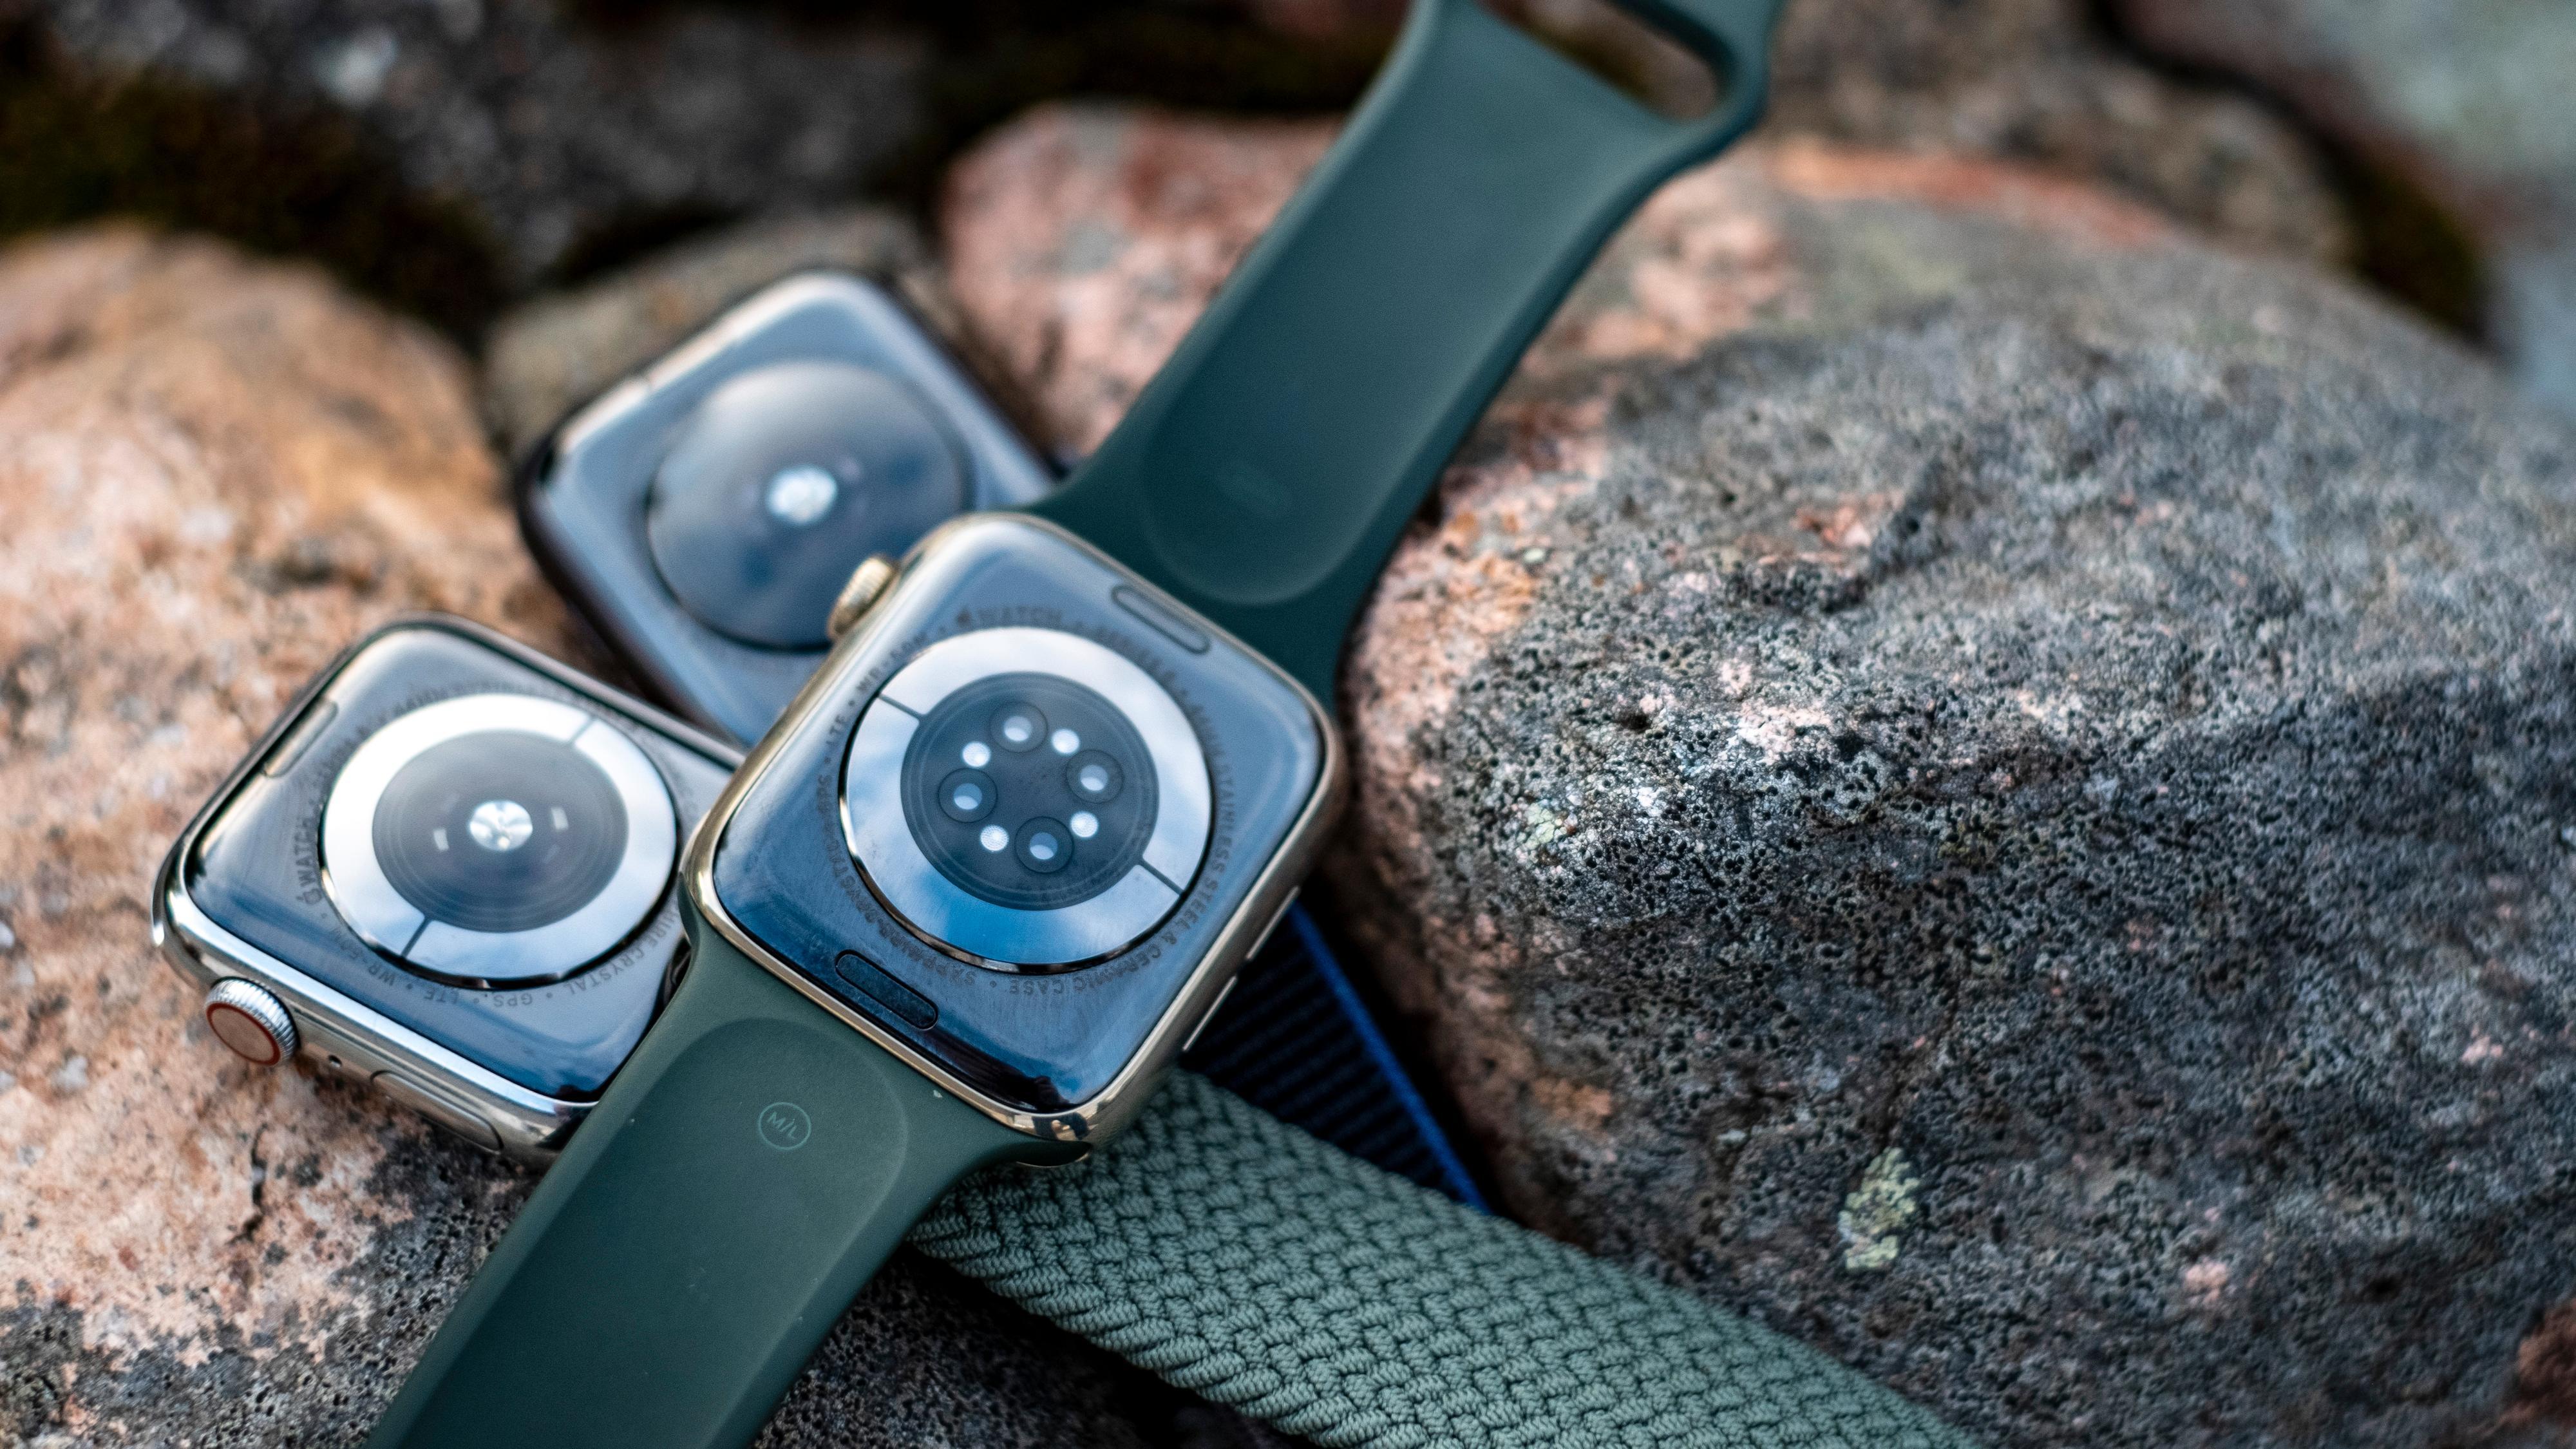 Den største forskjellen på series 5, series 6 og Apple Watch SE finner du under selve klokka. Her skjuler det seg ulike helsesensorer i alle tre, der series 6 har den mest avanserte, og SE-klokka har den enkleste.